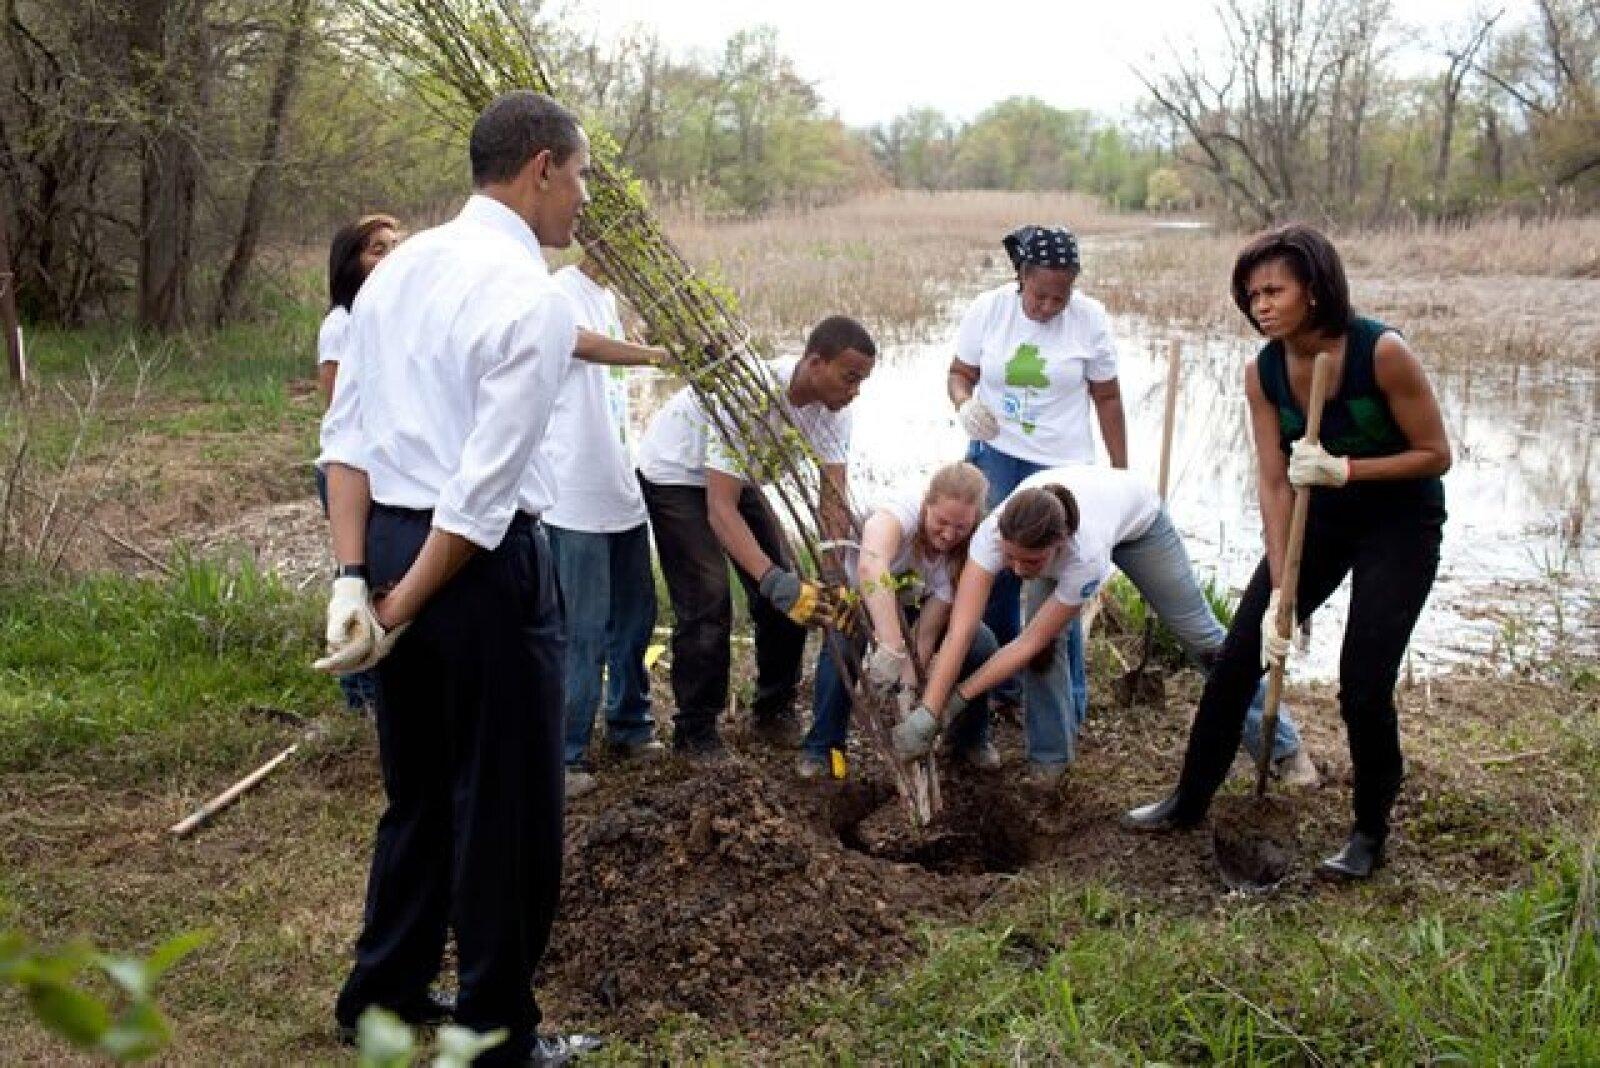 El presidente Barack Obama y la primera dama, Michelle Obama, participan en la plantación de árboles en el Kenilworth Aquatic Gardens en Washingoton el pasado 21 de abril.